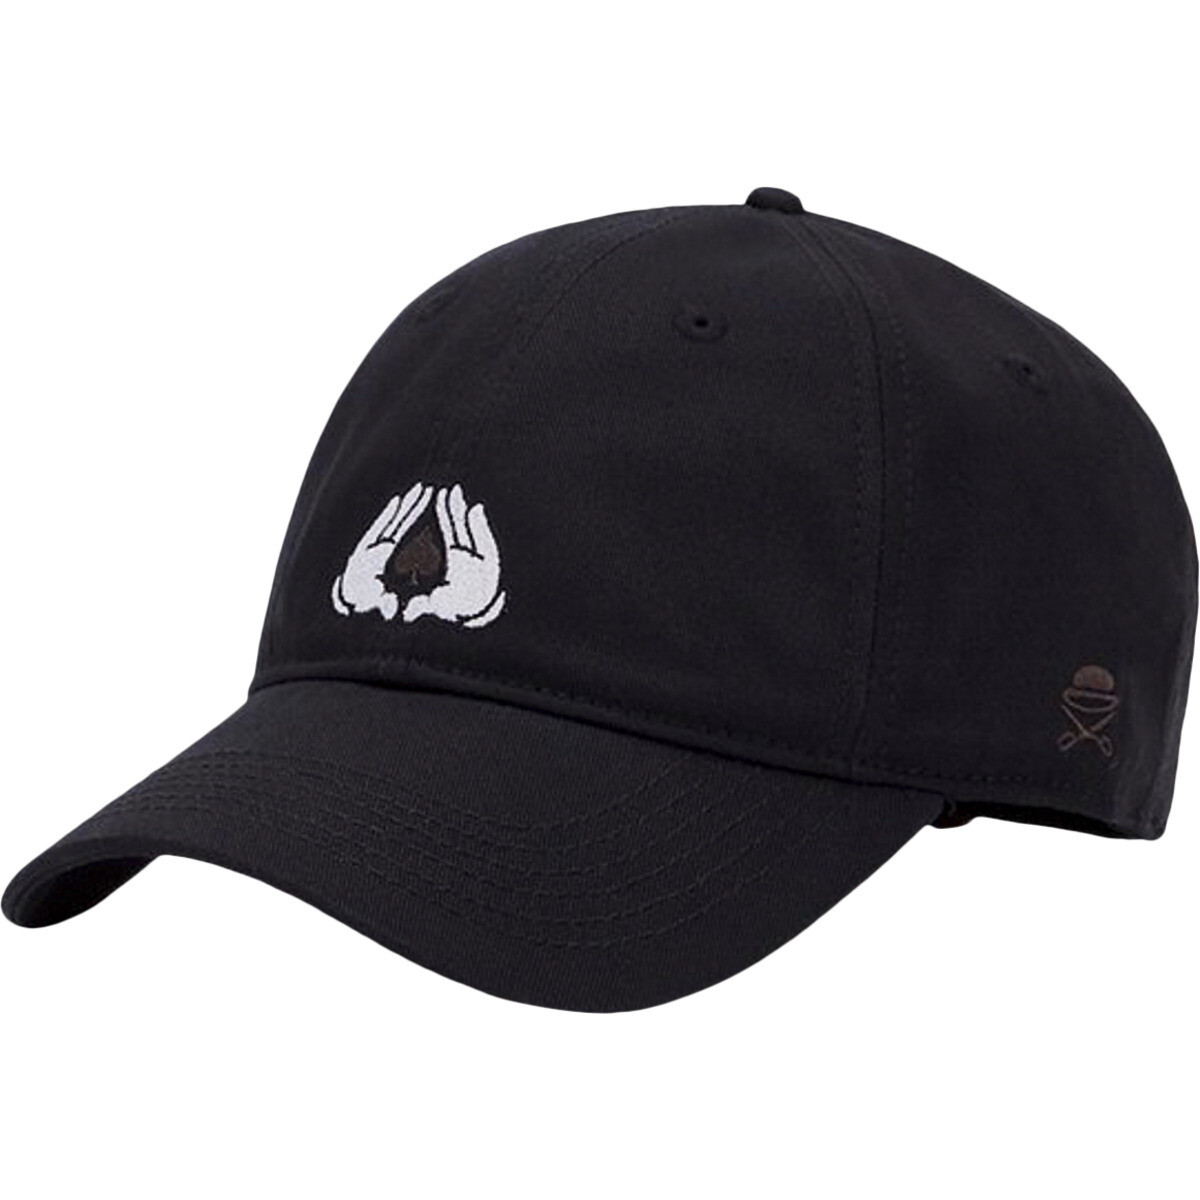 C&S WL All In Curved Cap